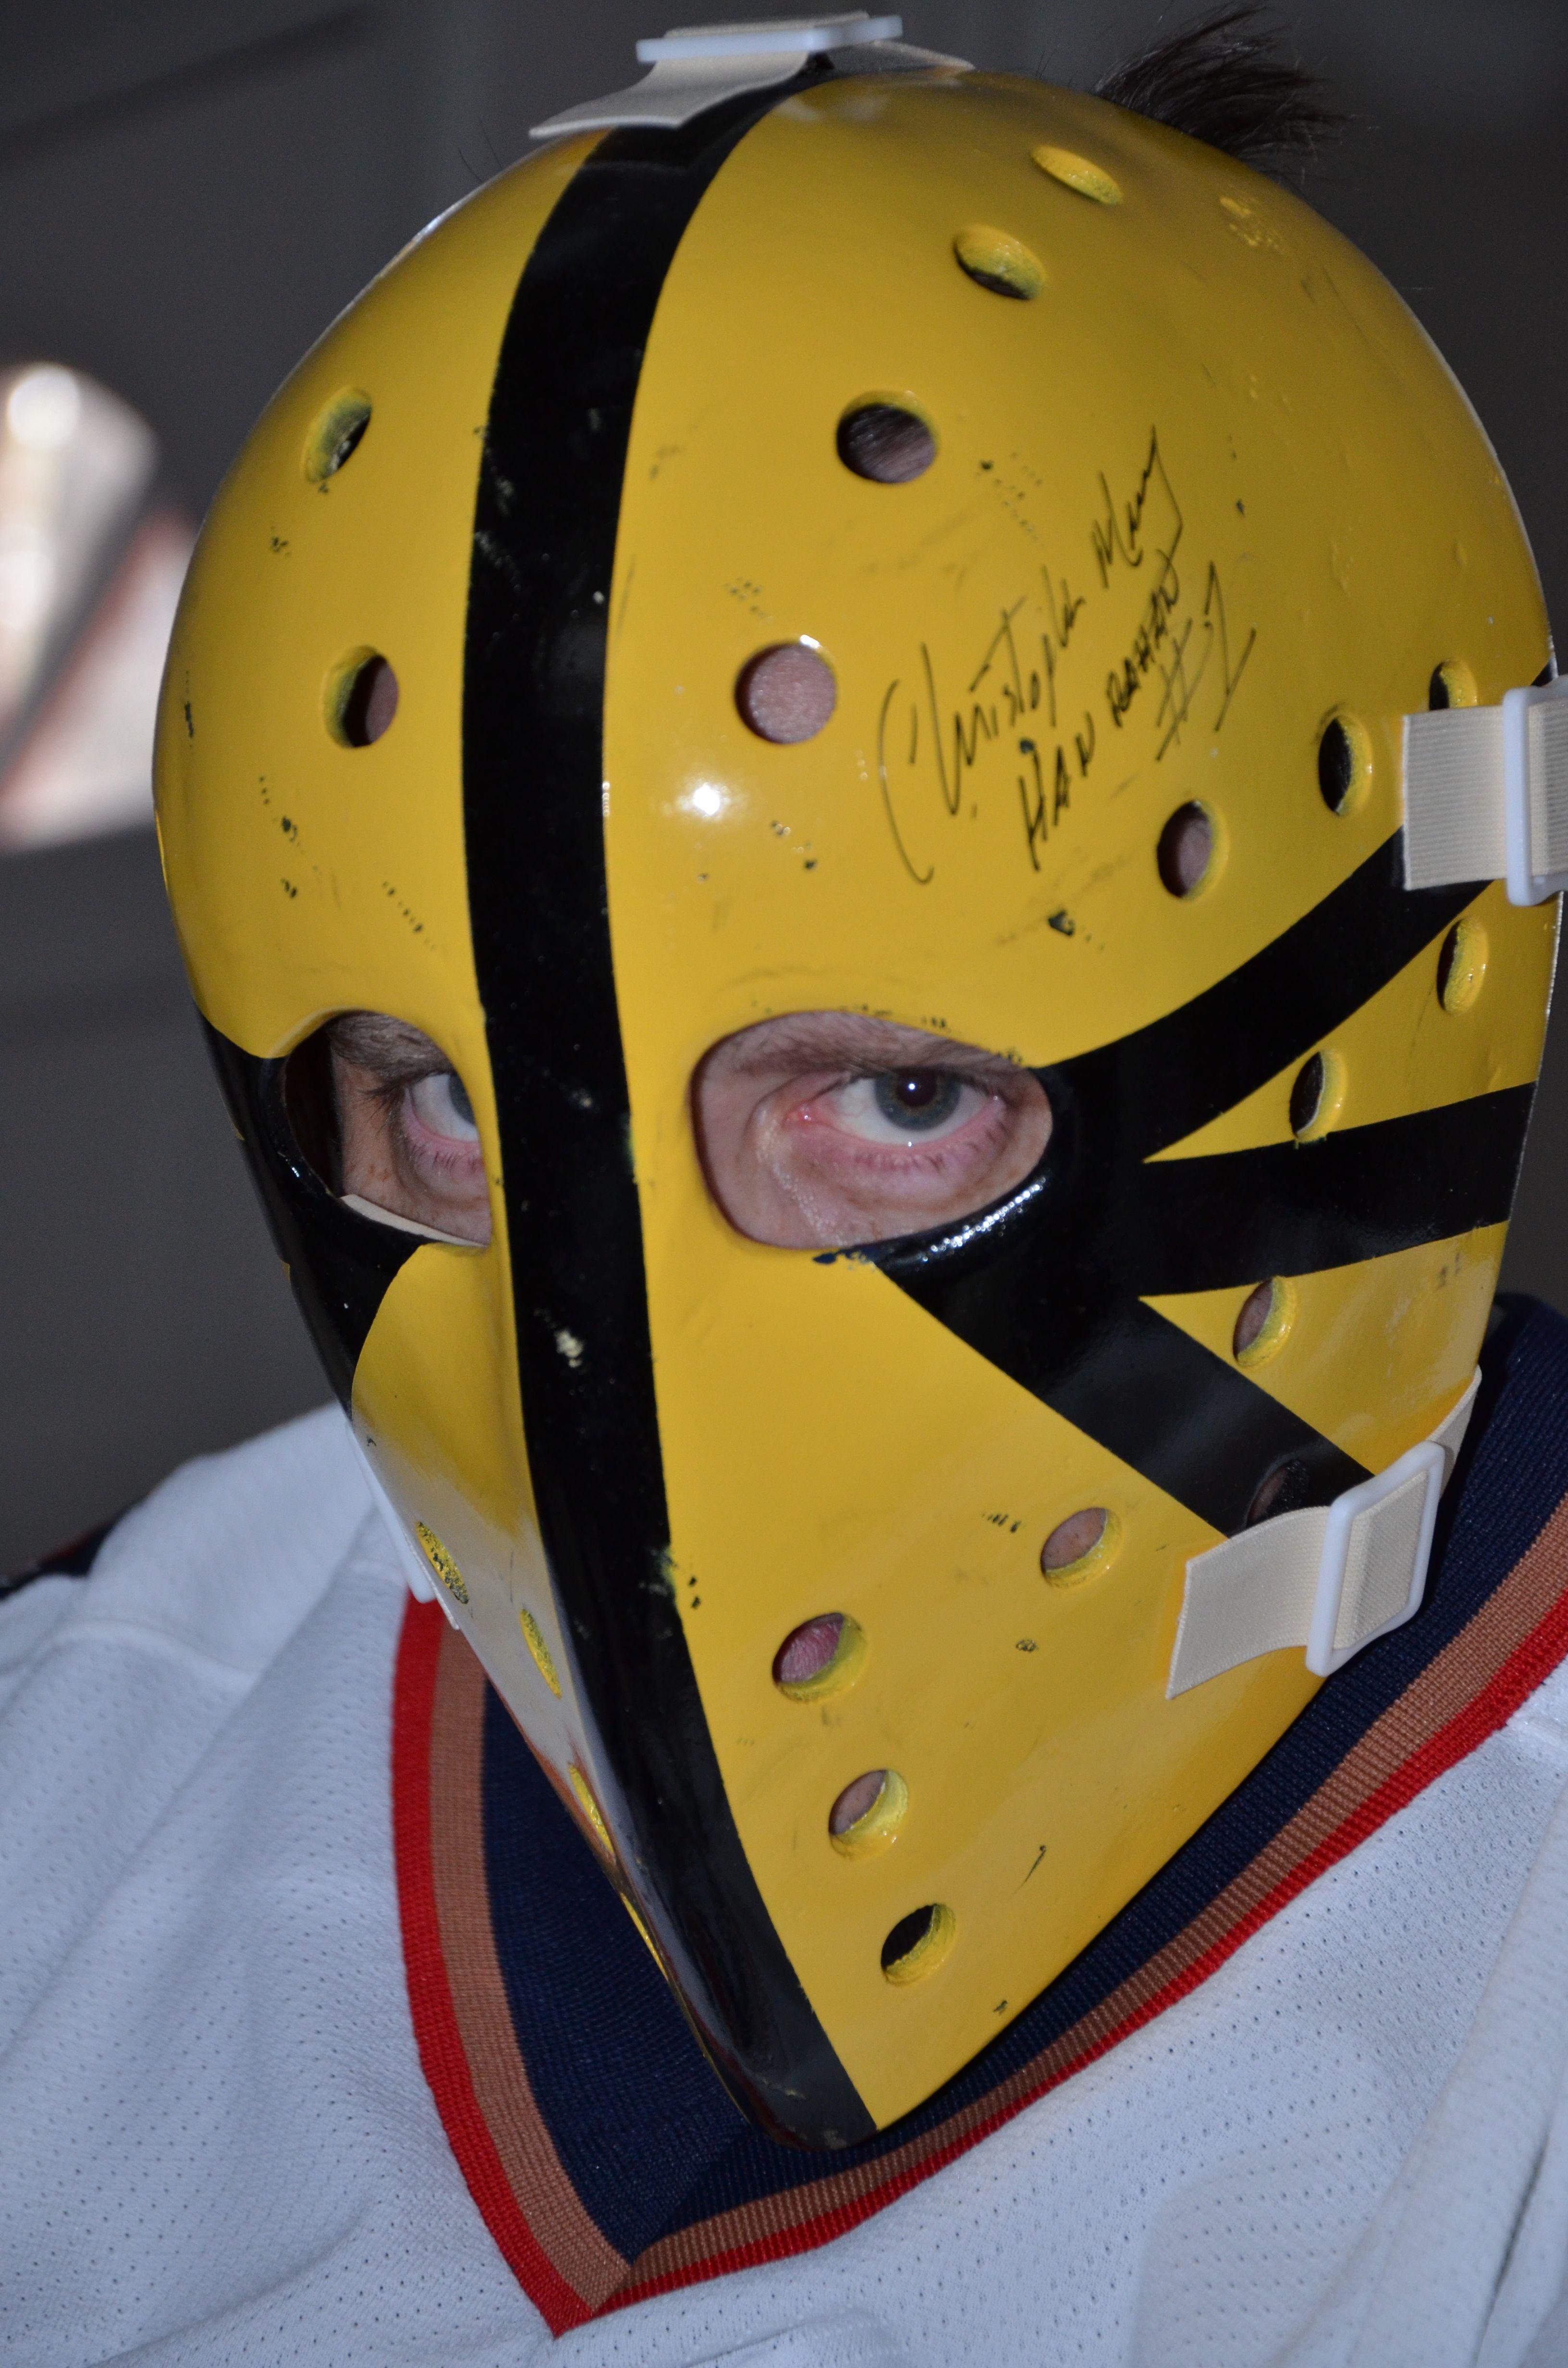 Hanrahan Goalie Mask Slap Shot 1977 Signed By Christopher Murney Hanrahan Goalie Mask Hockey Mask Nhl Hockey Players